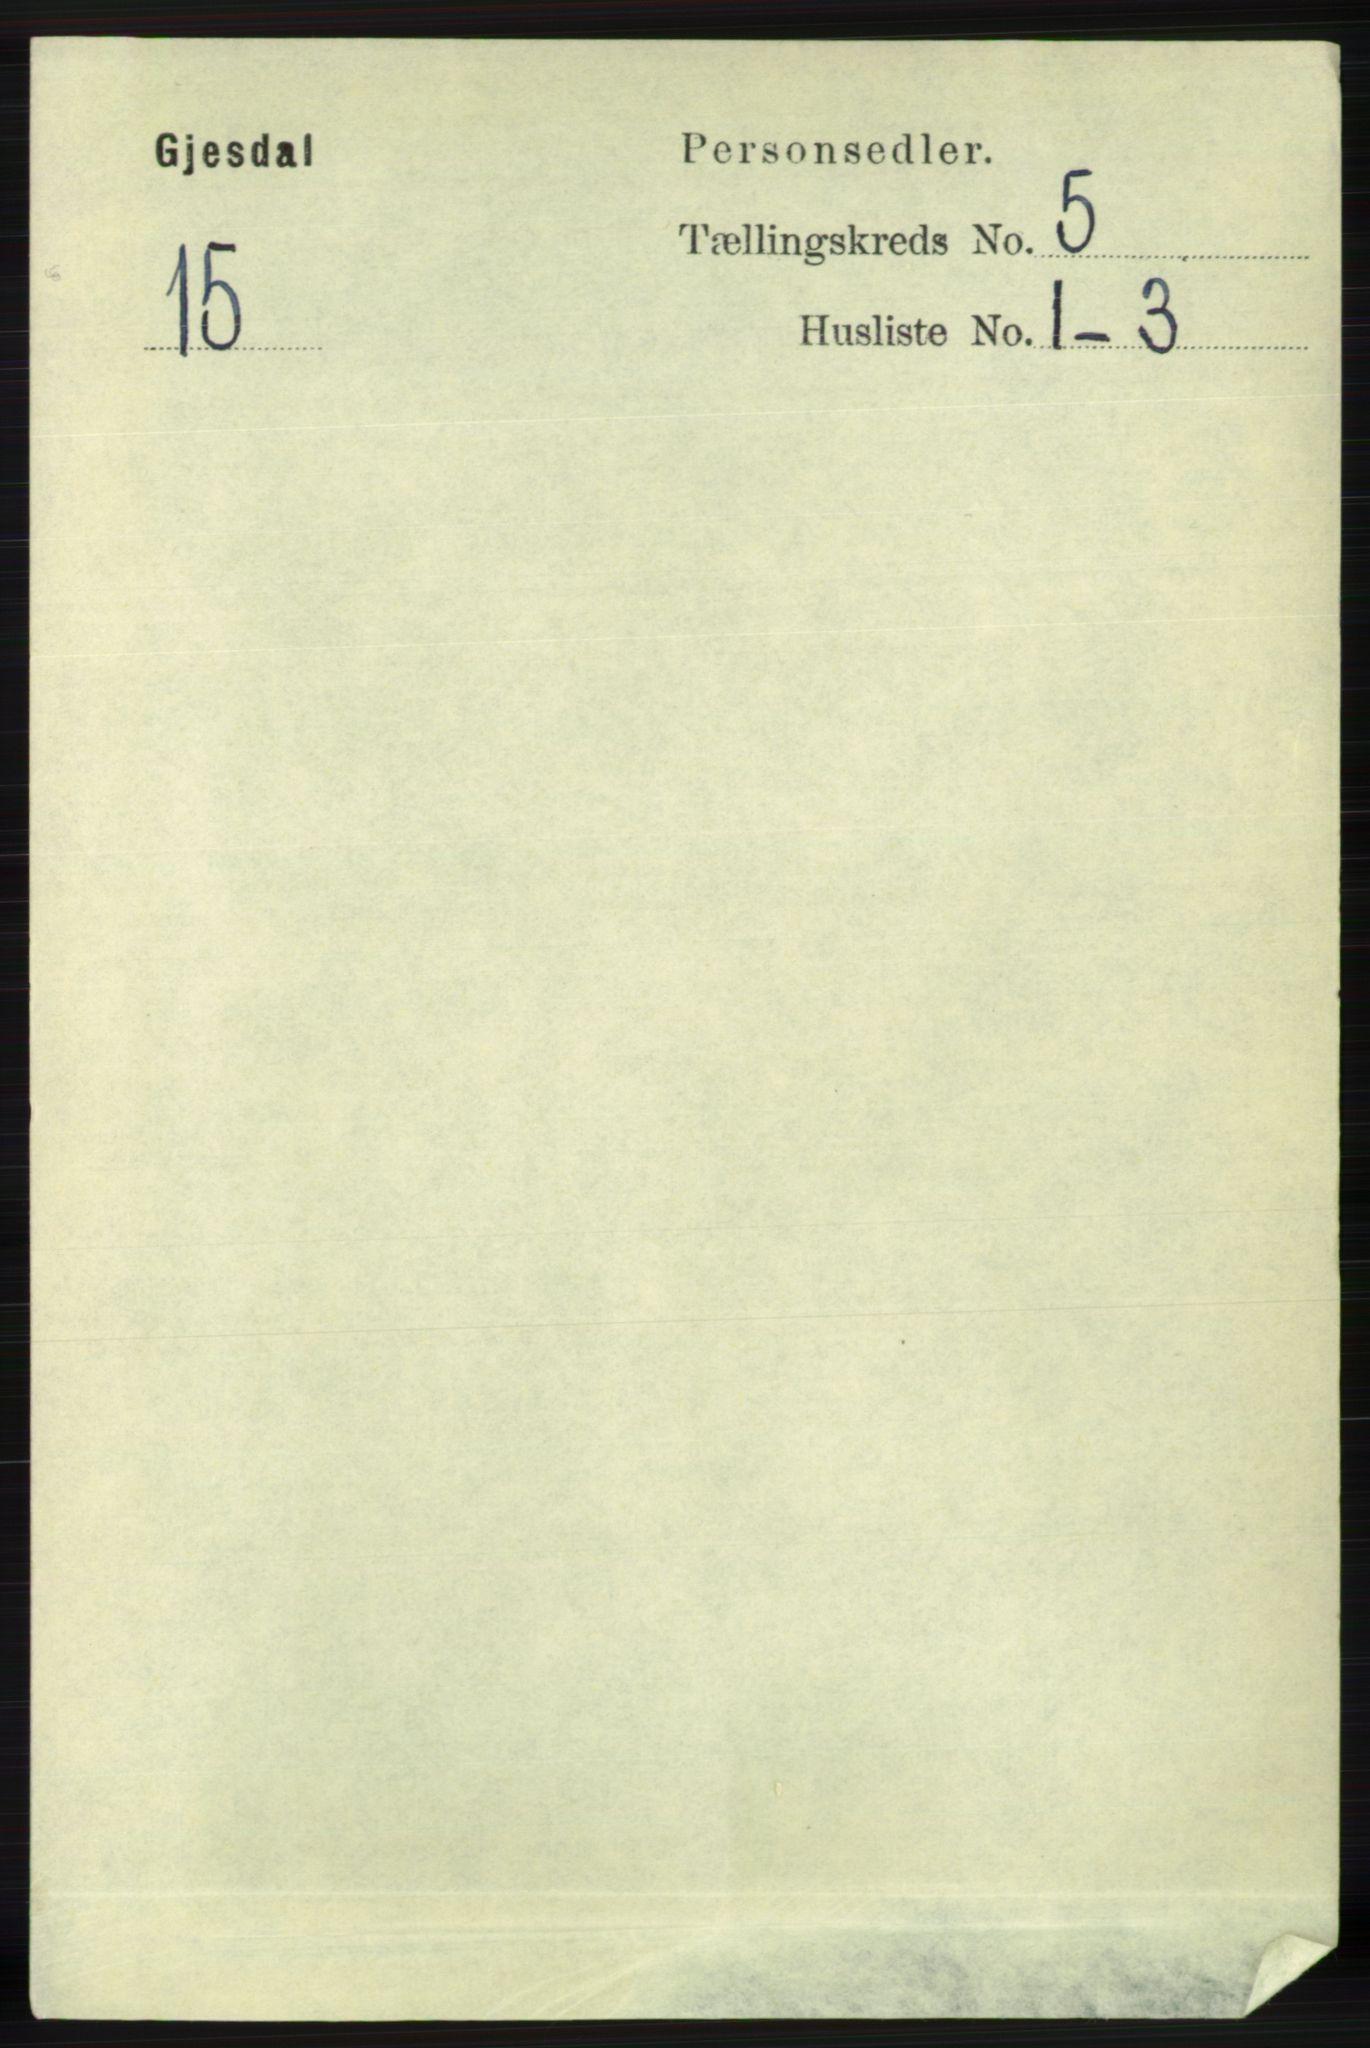 RA, Folketelling 1891 for 1122 Gjesdal herred, 1891, s. 1487